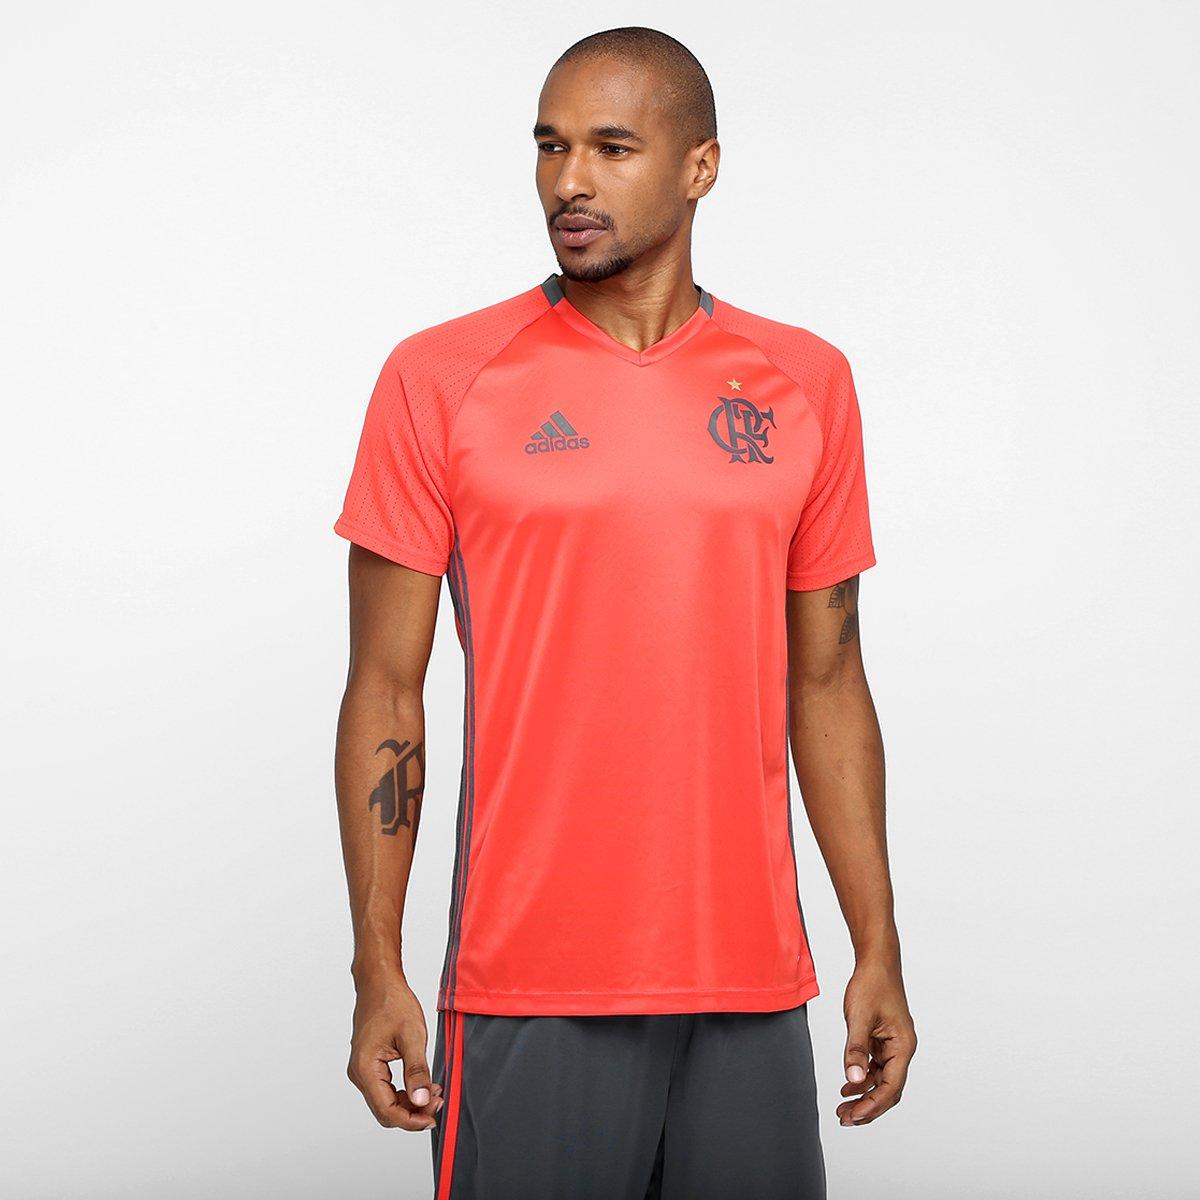 e3335e1678d Camisa de Treino Flamengo 2016 Adidas Masculina - Compre Agora ...